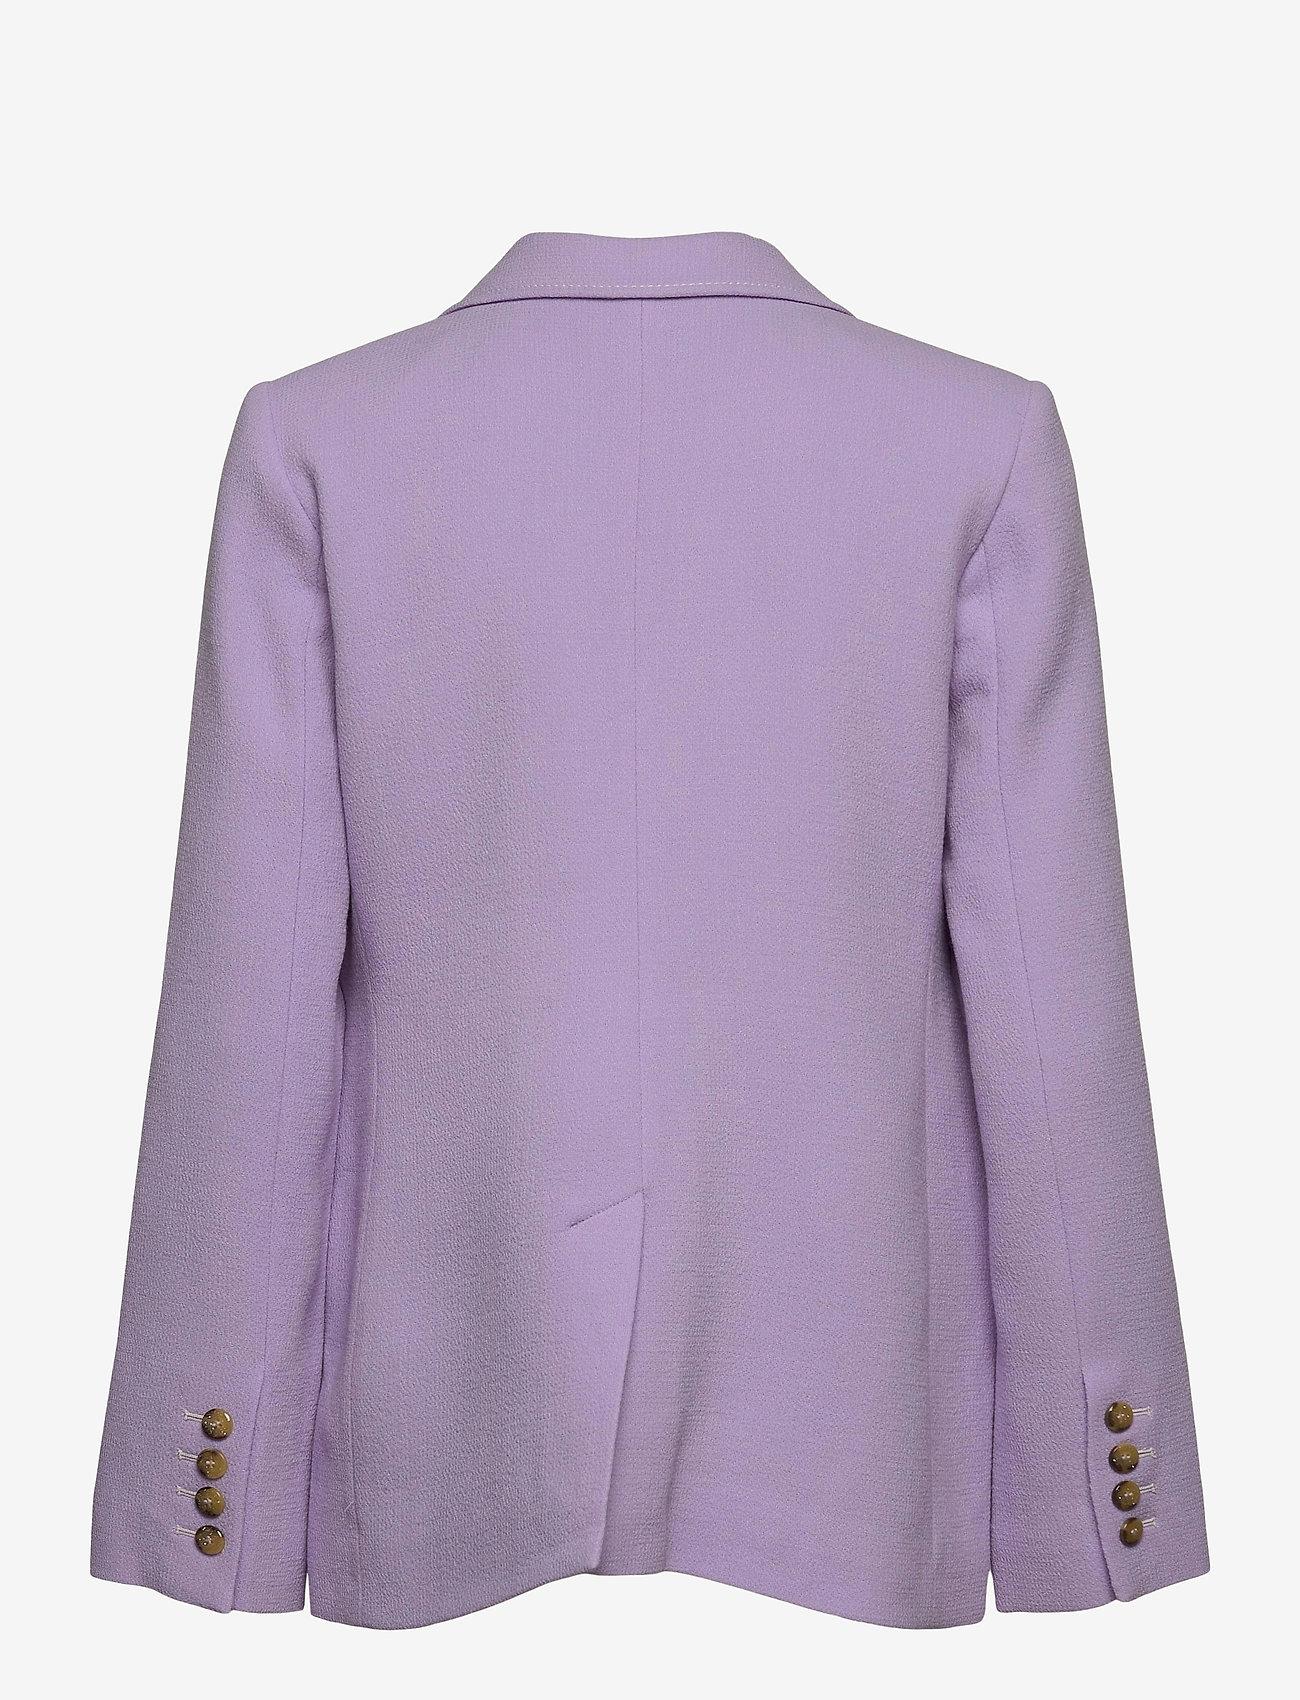 STINE GOYA - Grace, 1113 Iris Tailoring - vardagskavajer - lilac - 2